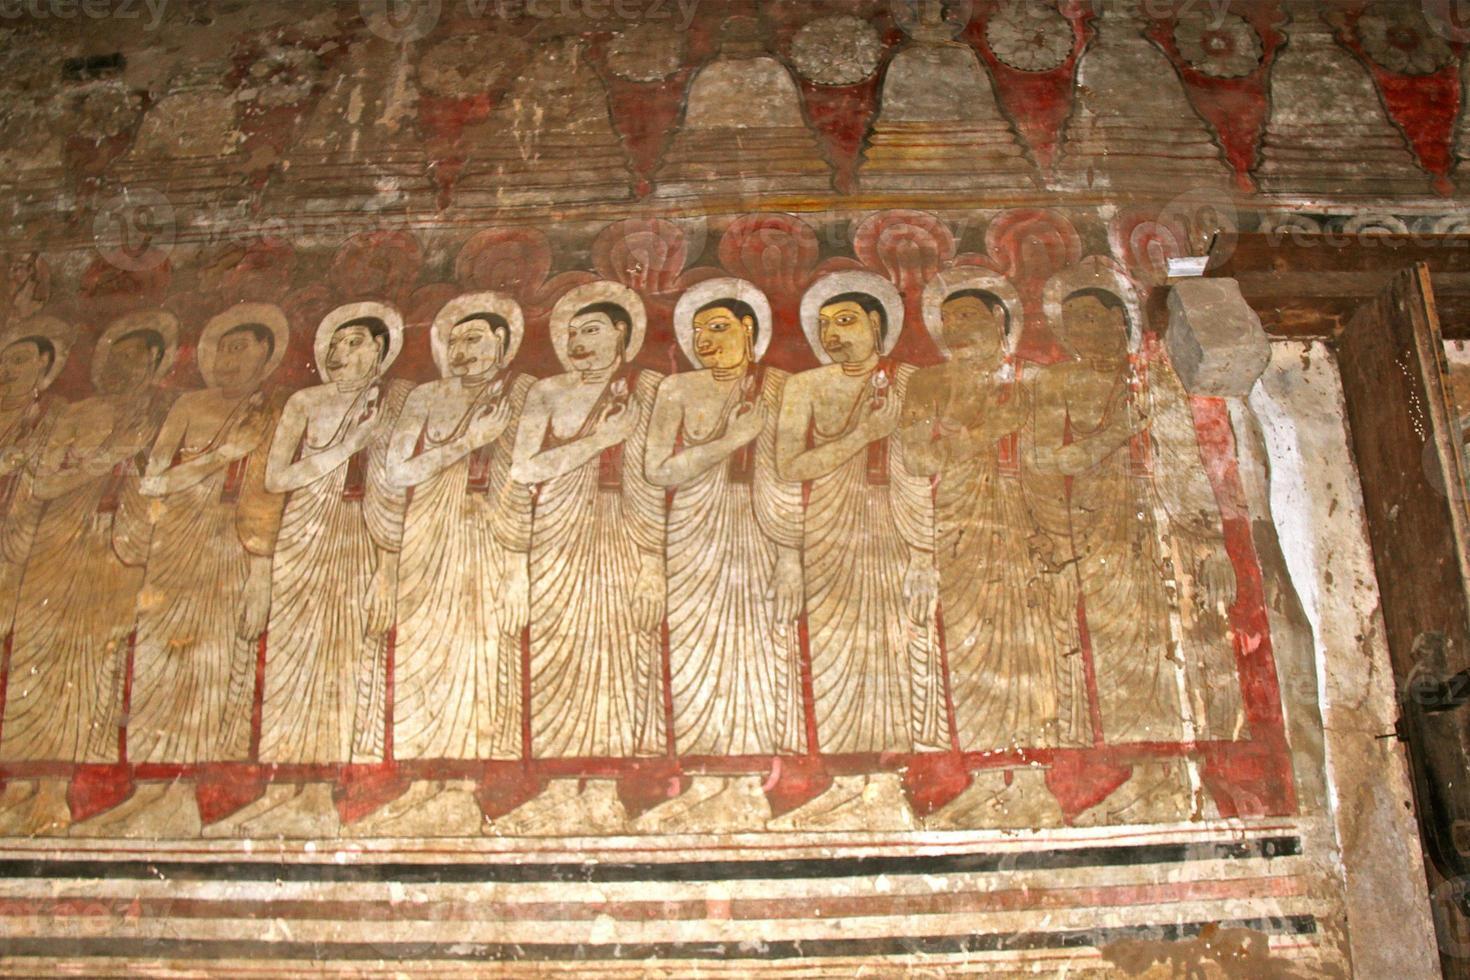 affreschi murali di dambulla foto